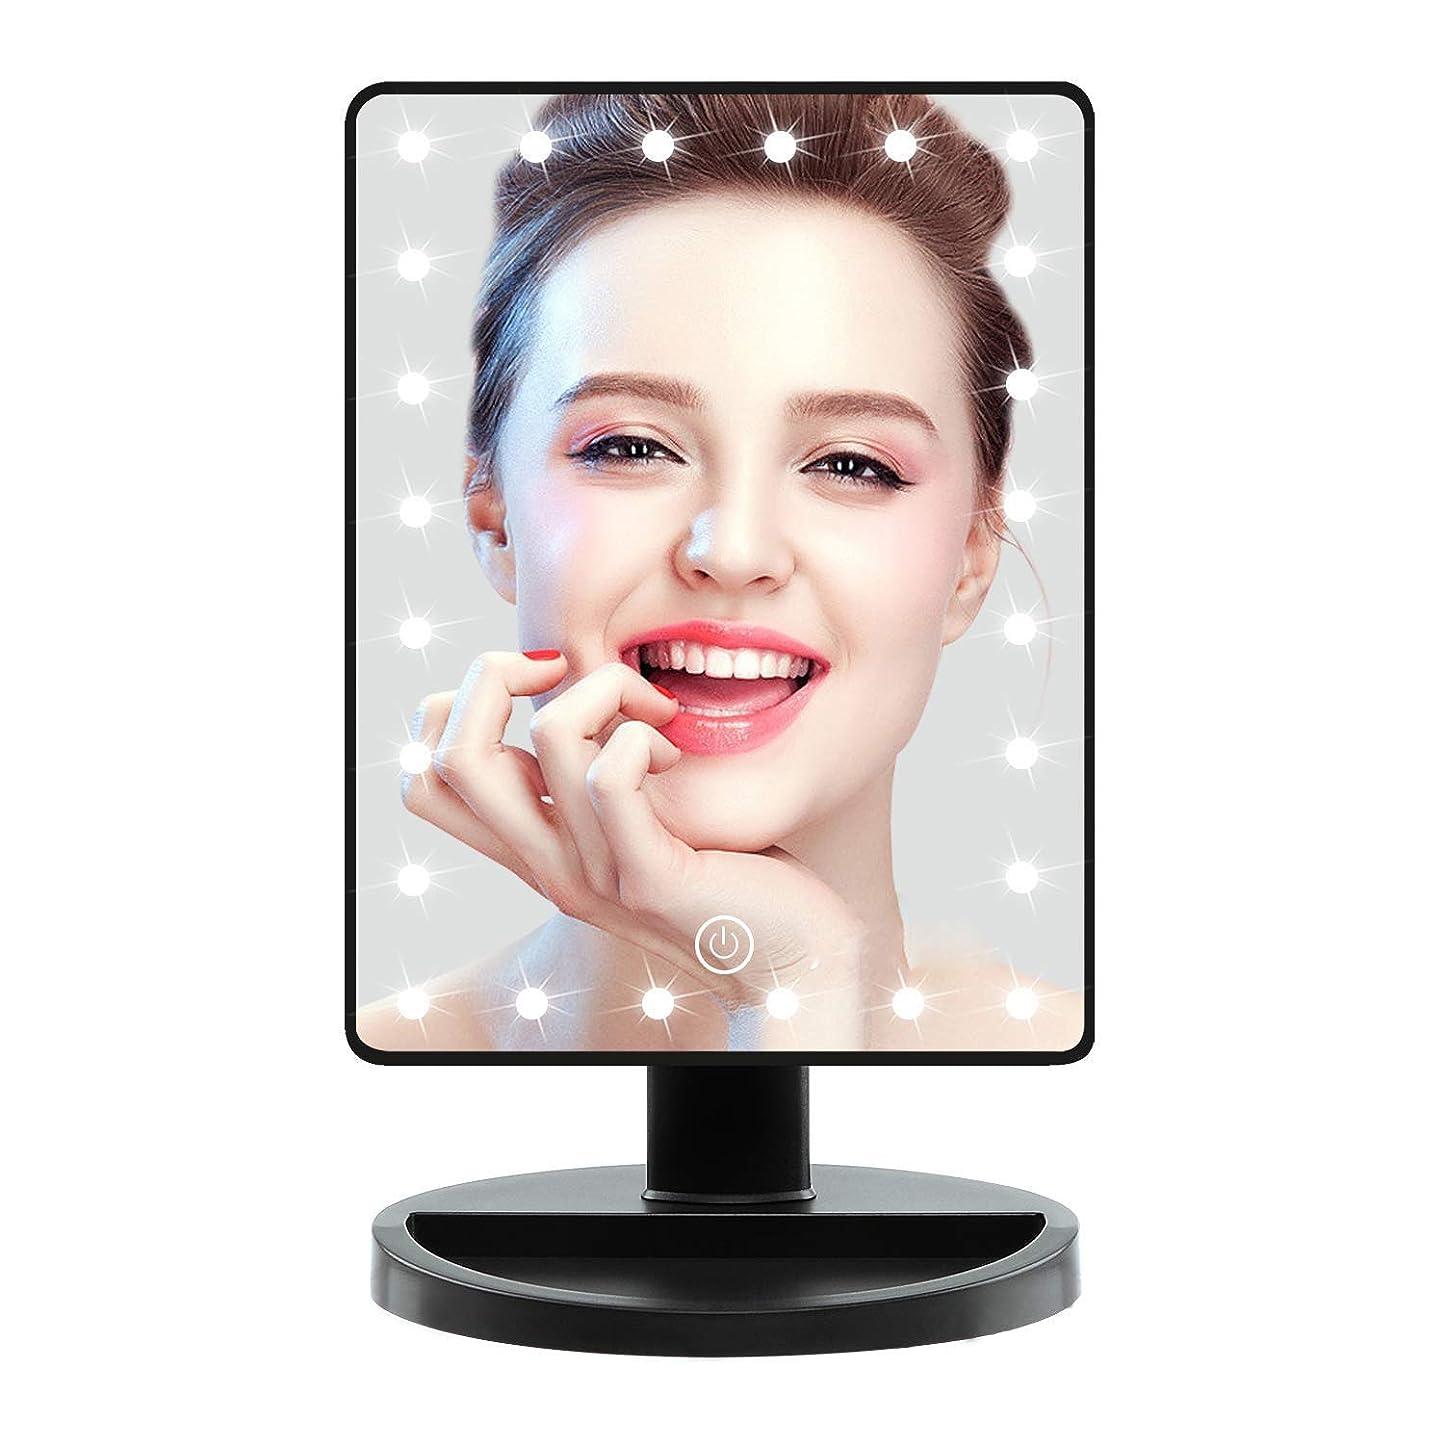 珍しいしなければならないケント化粧鏡 ledデスクトップ 収納鏡180°の回転 明るさ調節可能タッチスクリーン、光付きポータブルデスクトップバニティミラー、美容ギフト ミラーをつけますベース収納ボックスデザイン-(充電式)